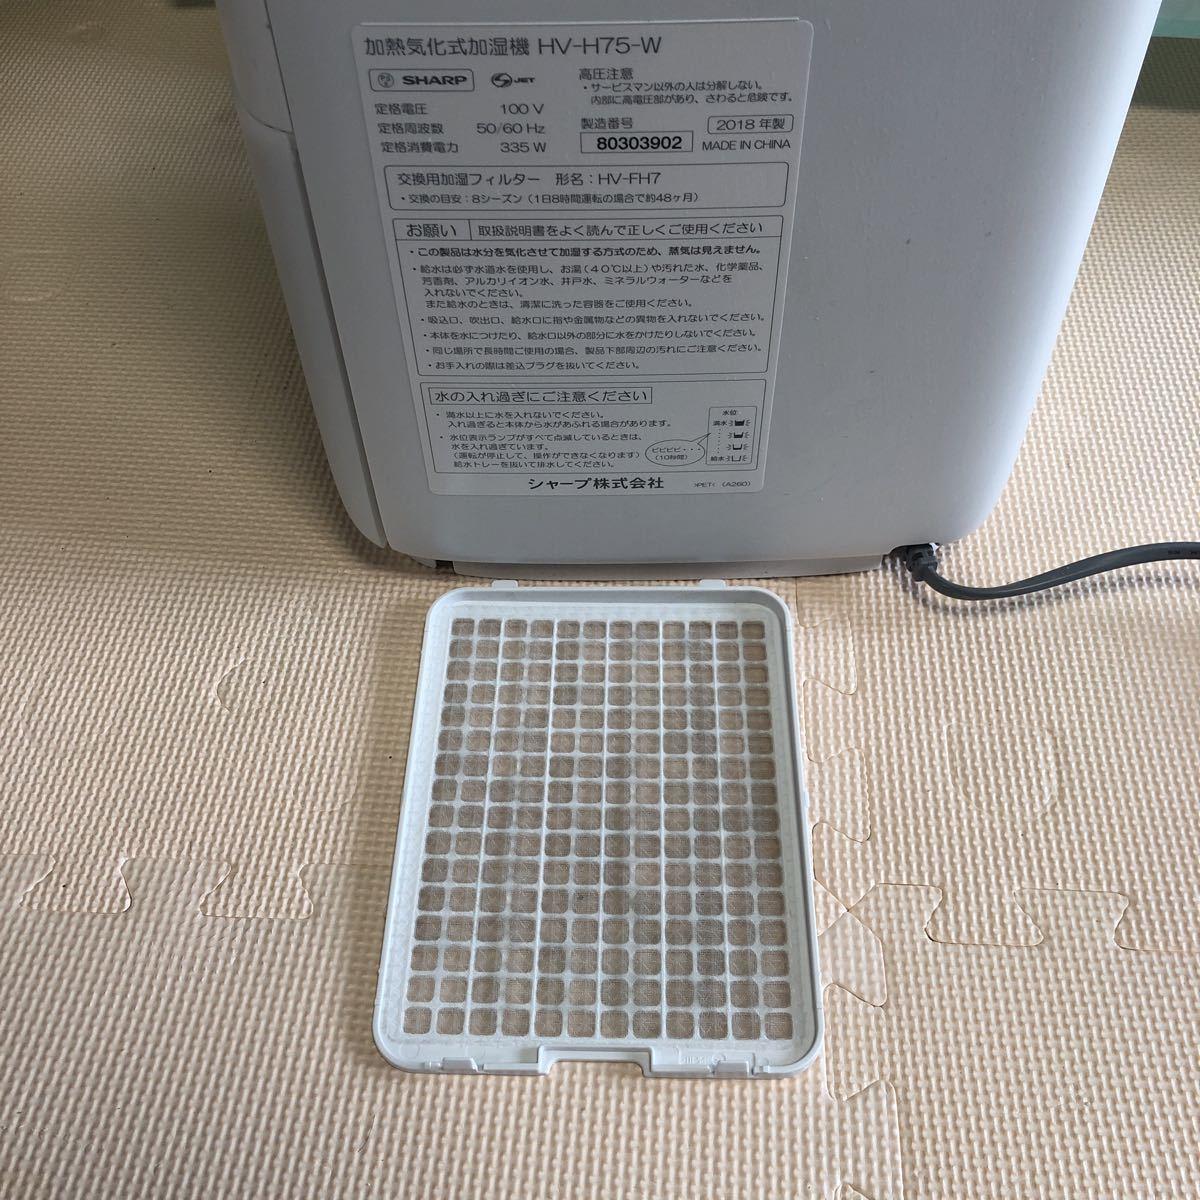 N3 美品!シャープ ハイブリッド式 加湿器 21畳 プラズマクラスター SHARP HV-H75-W 2018年製_画像6